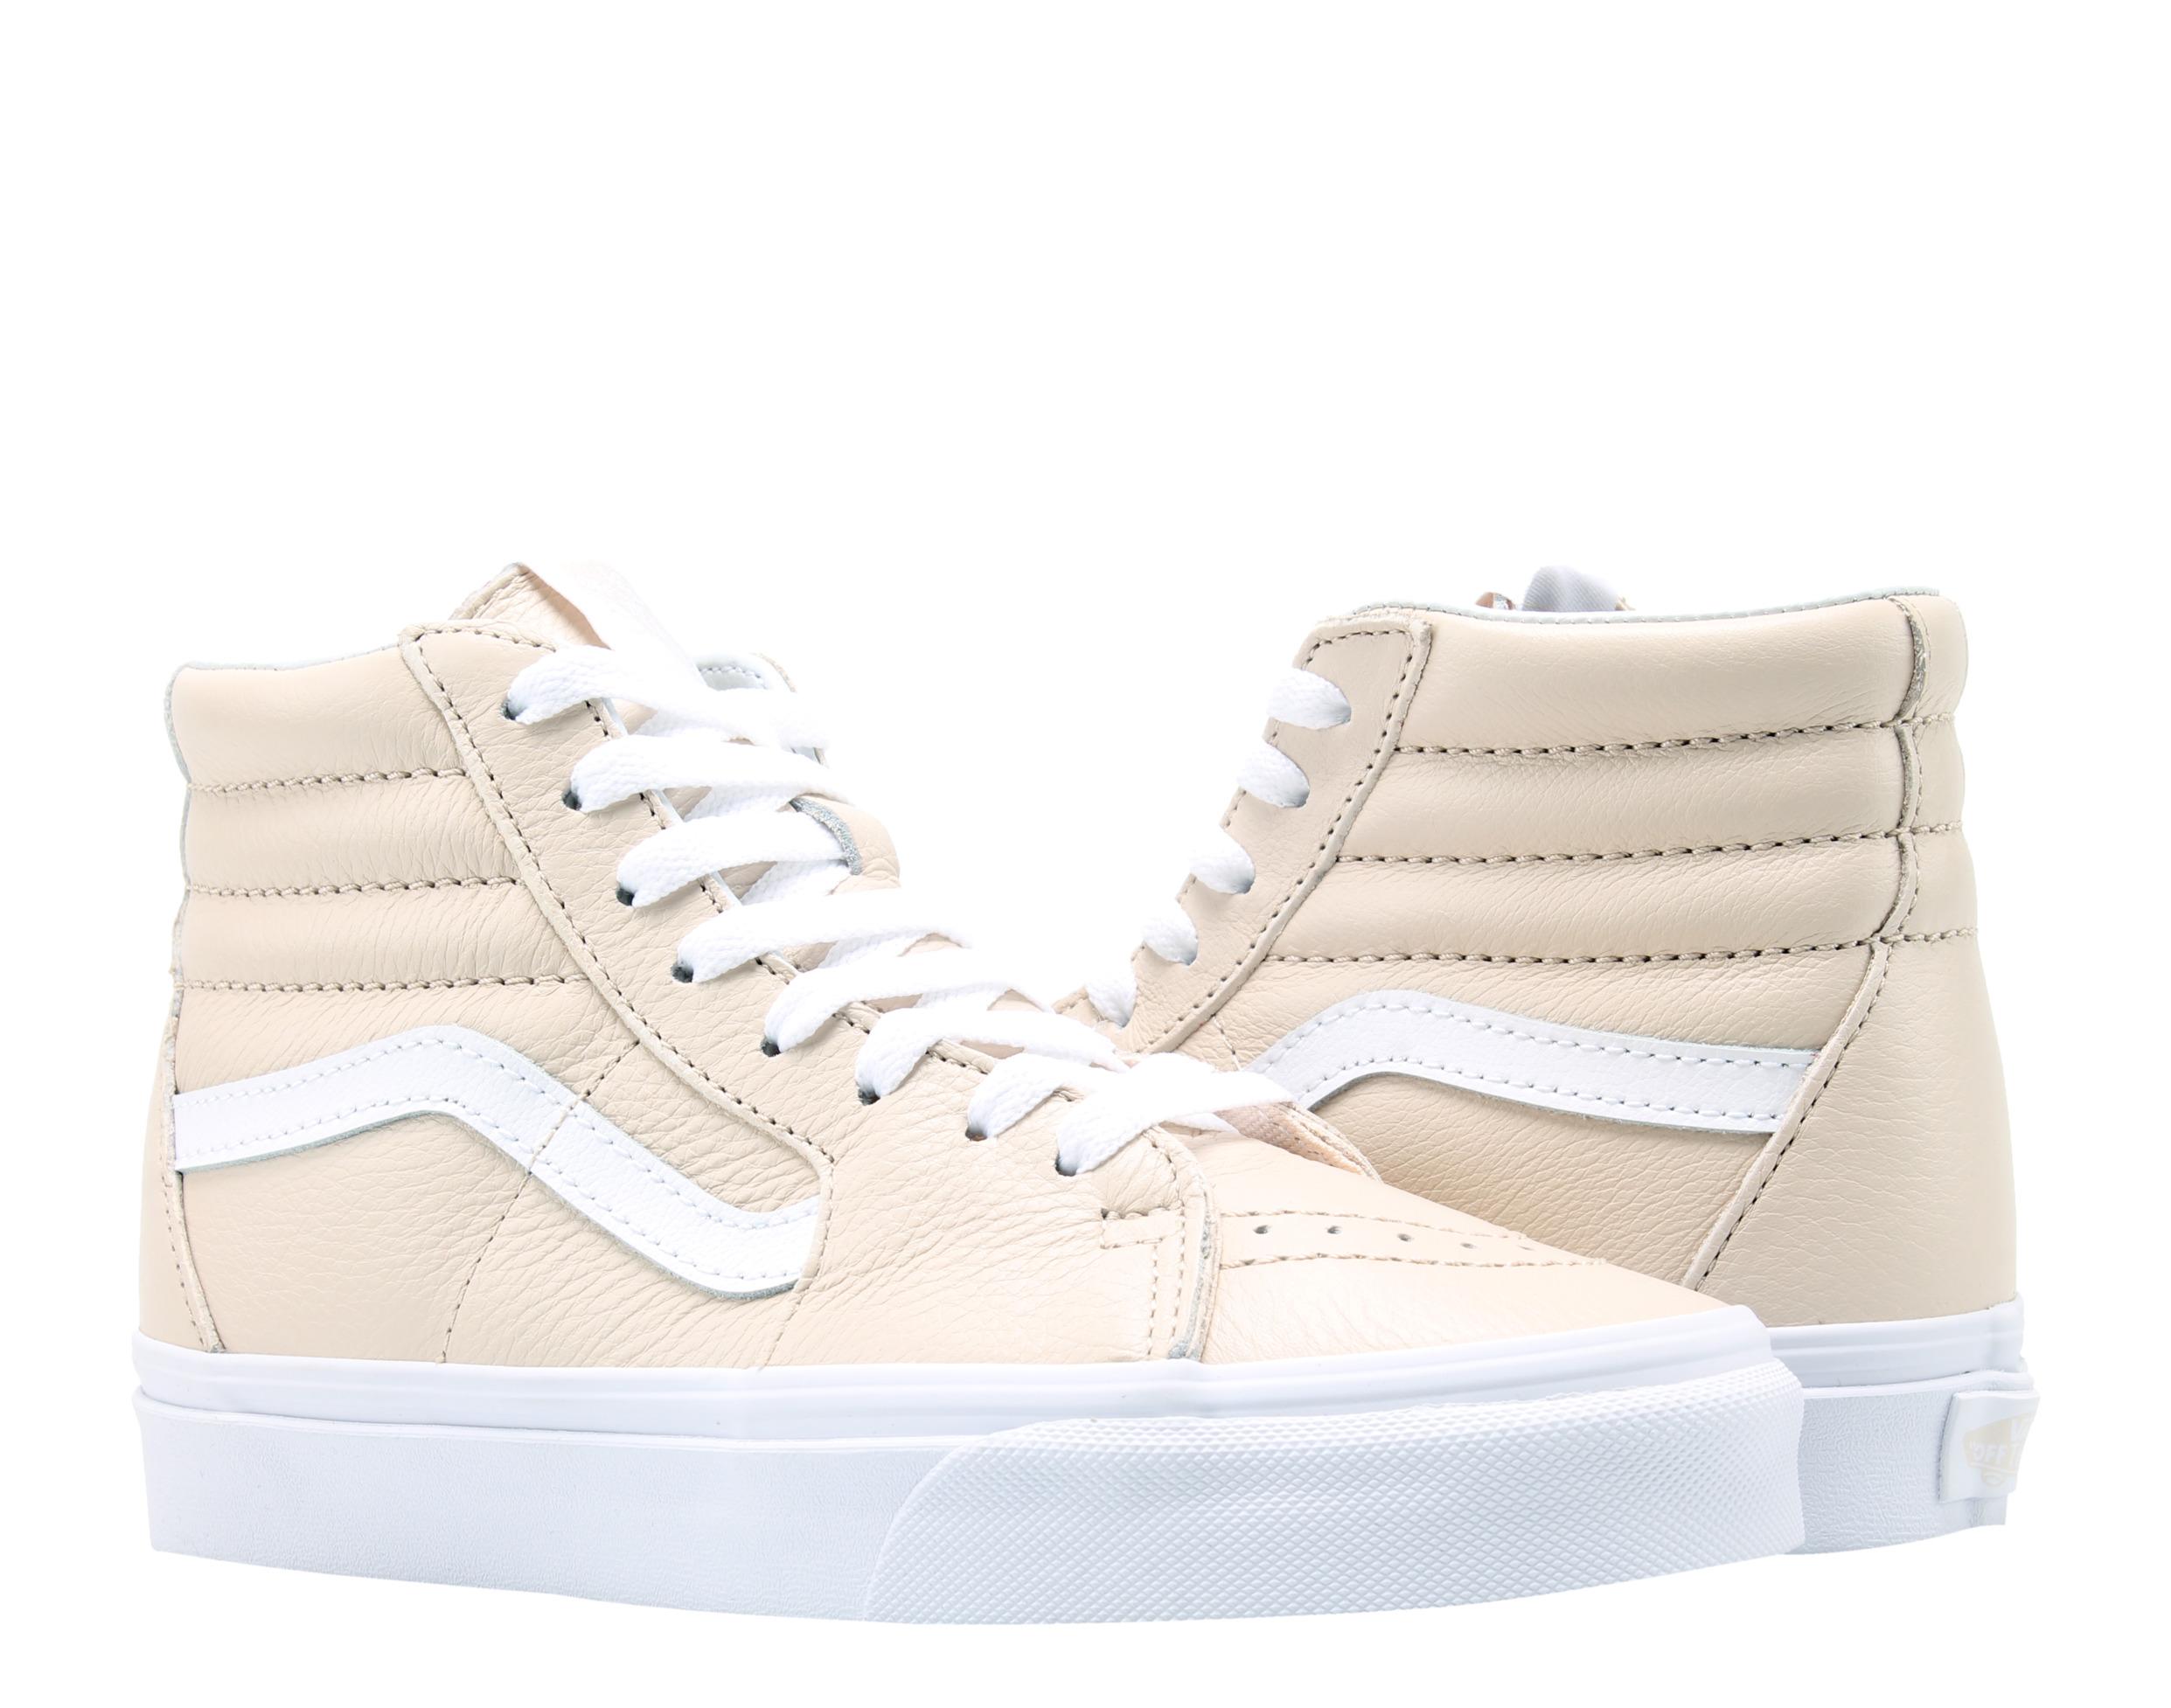 Vans Sk8-Hi Sand Dollar/blanco verdadero Clásico Hi Top Zapatillas ...